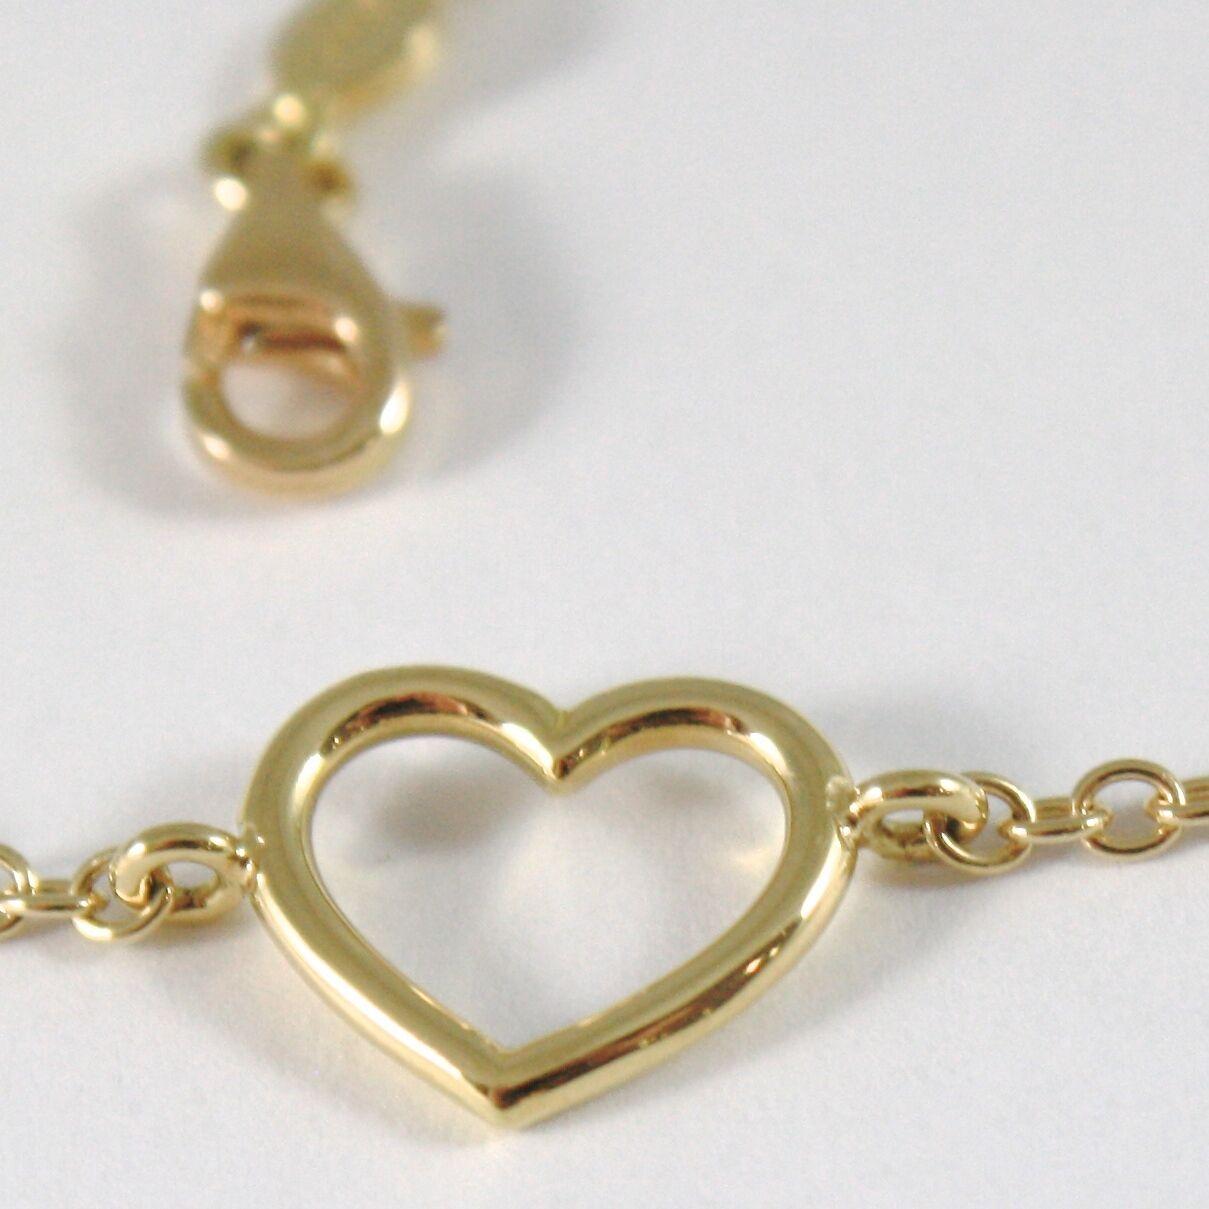 Bracelet en or Jaune 750 18K avec Coeur Tuyau , Rolo, 18 cm Longueur